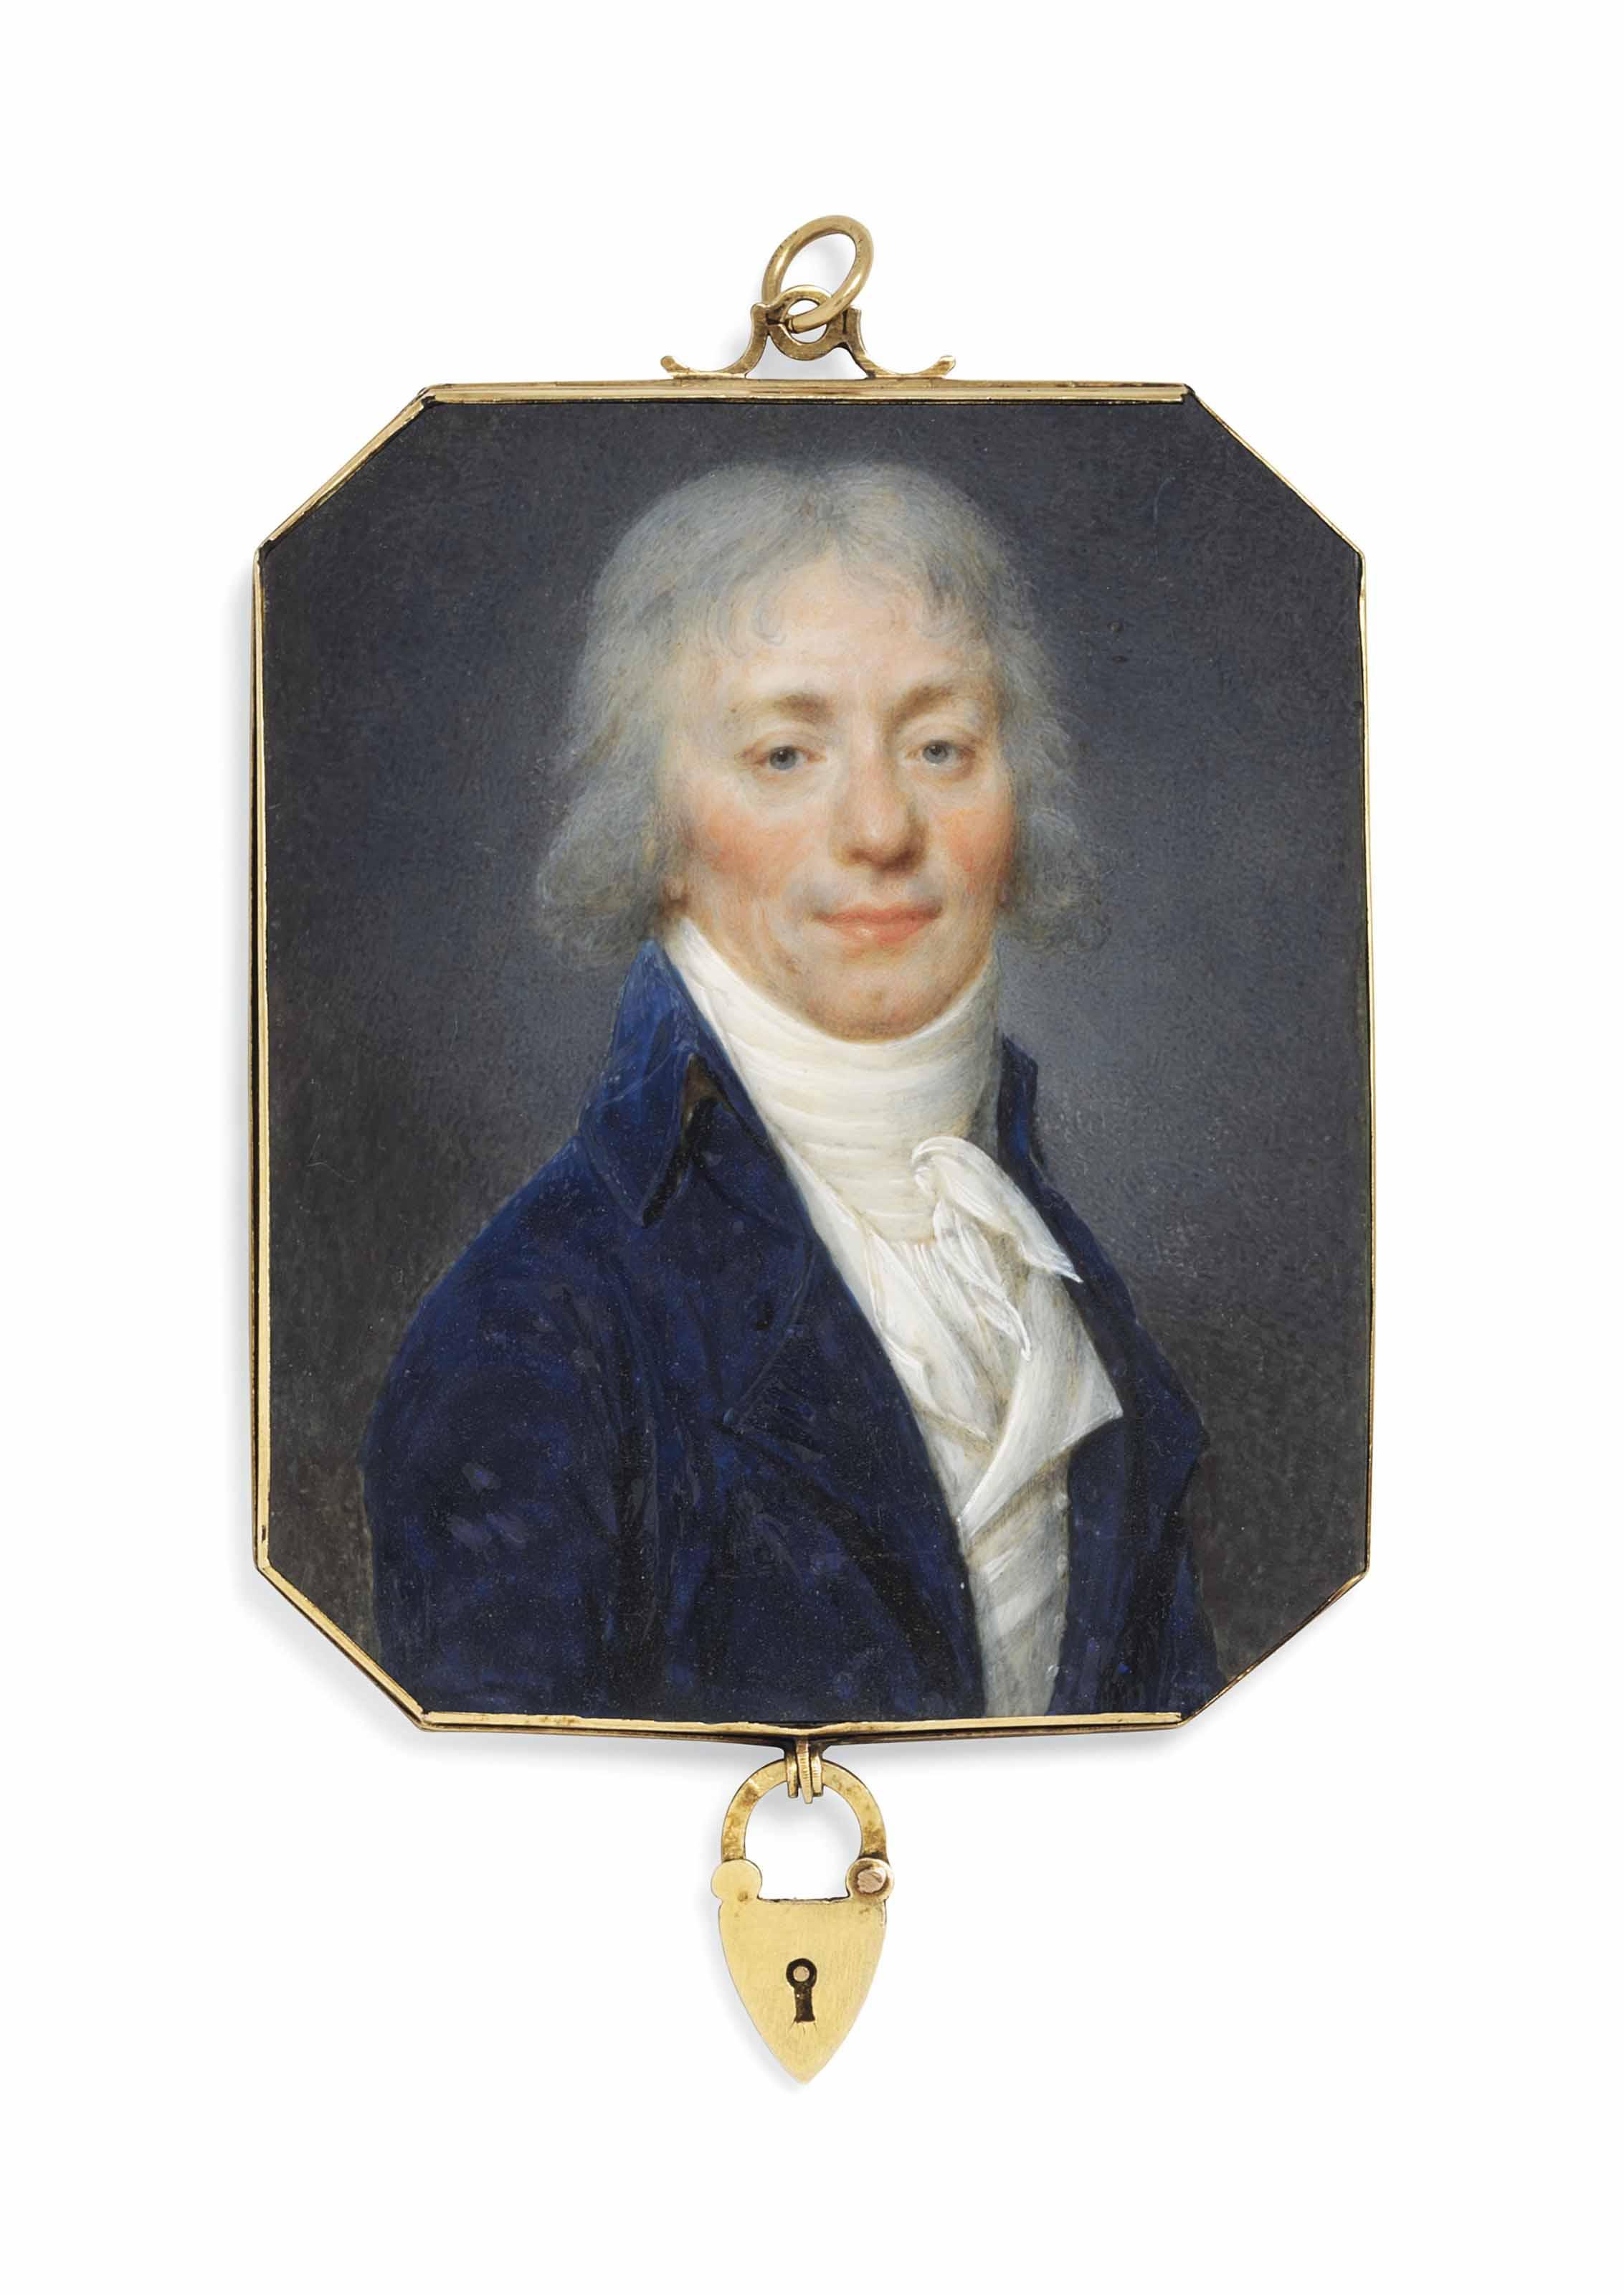 JEAN-BAPTISTE SOYER (FRENCH, 1752-1828)